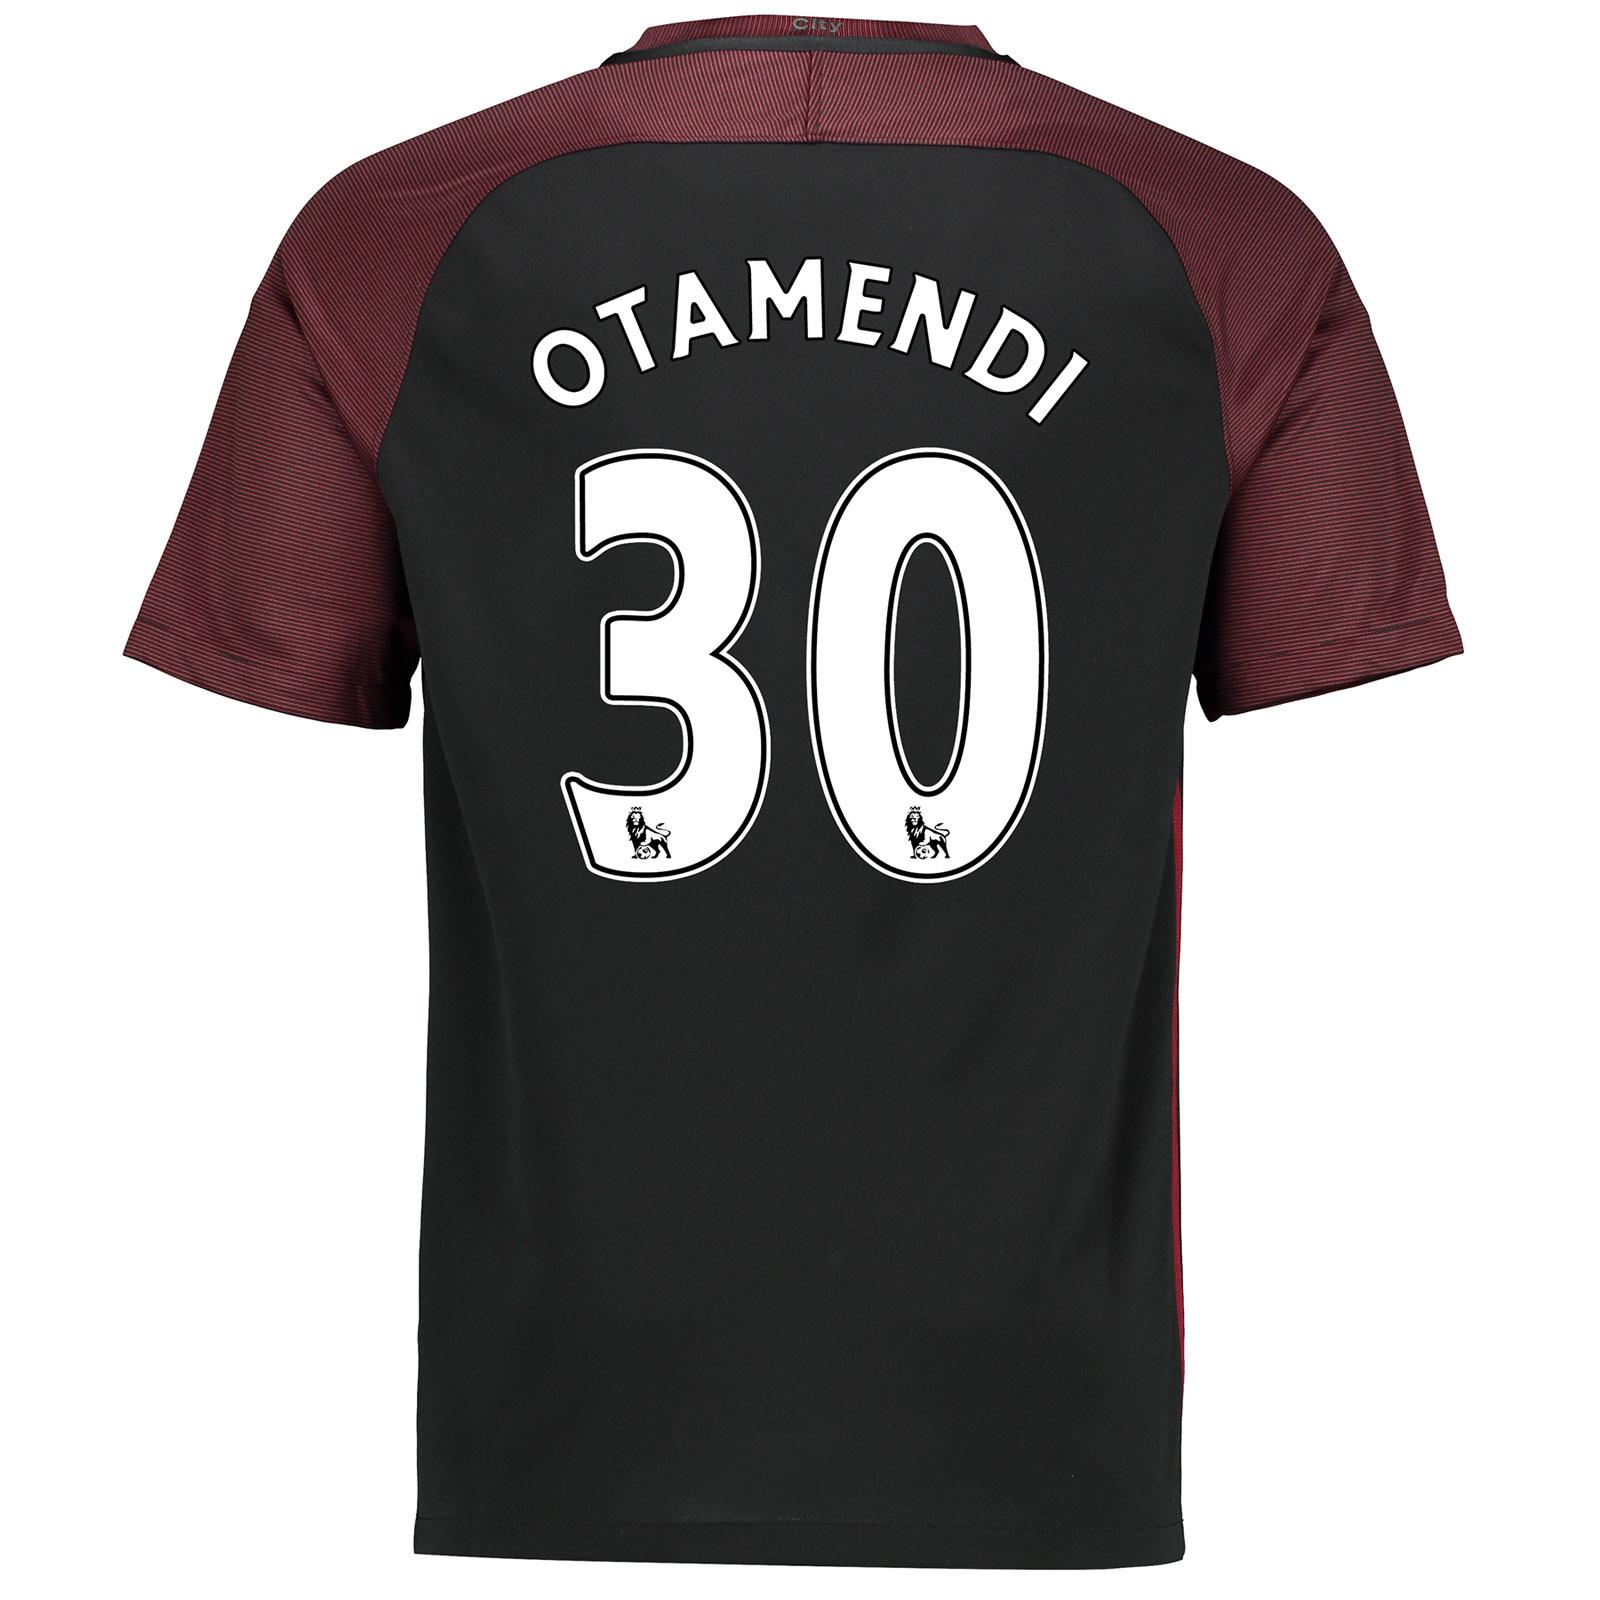 Manchester City Away Stadium Shirt 2016-17 with Otamendi 30 printing